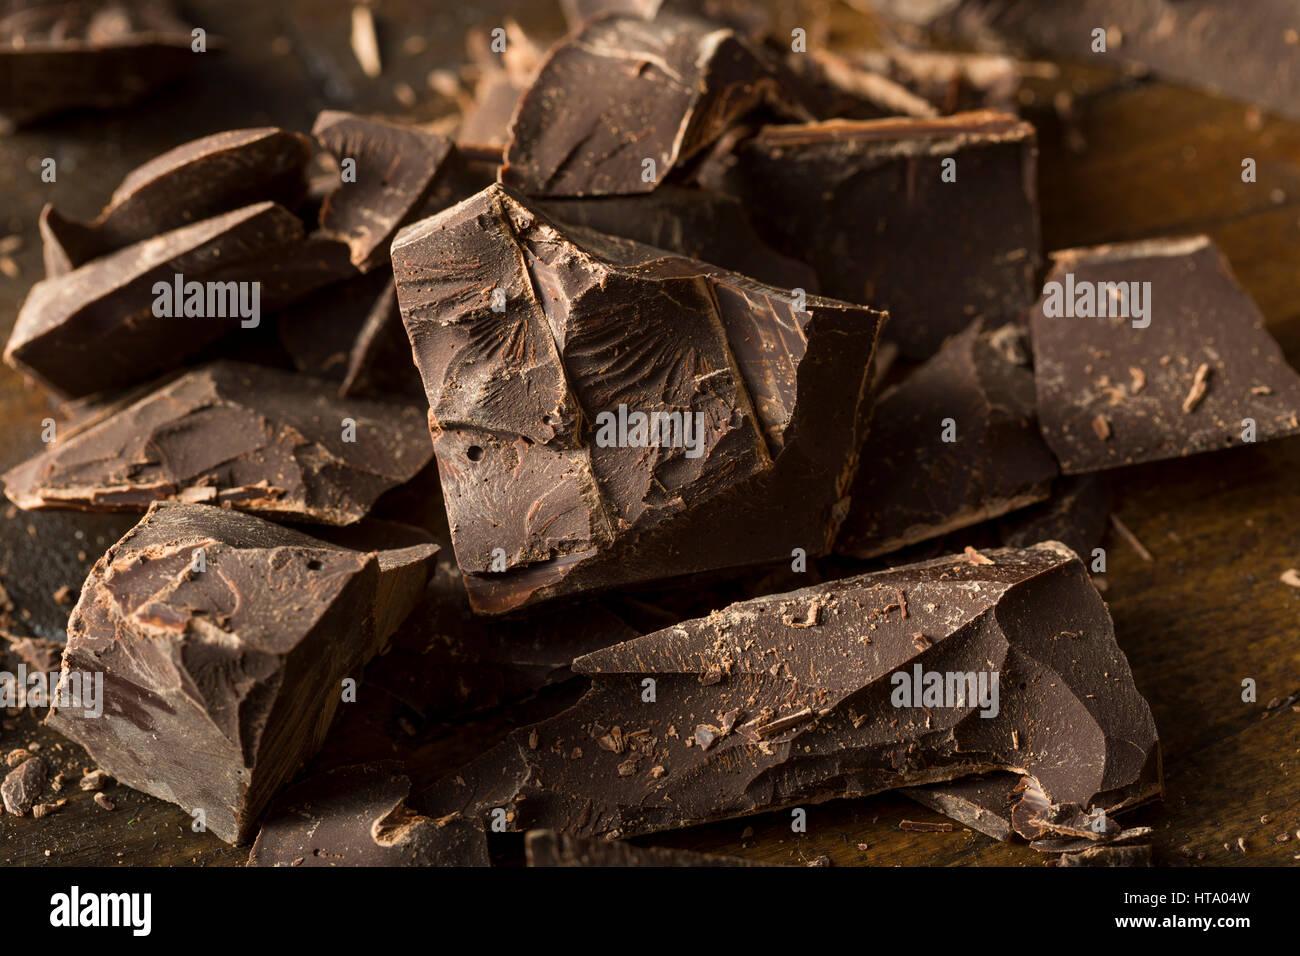 Organici dolci Semi Dark Chocolate Chunk per la cottura Immagini Stock